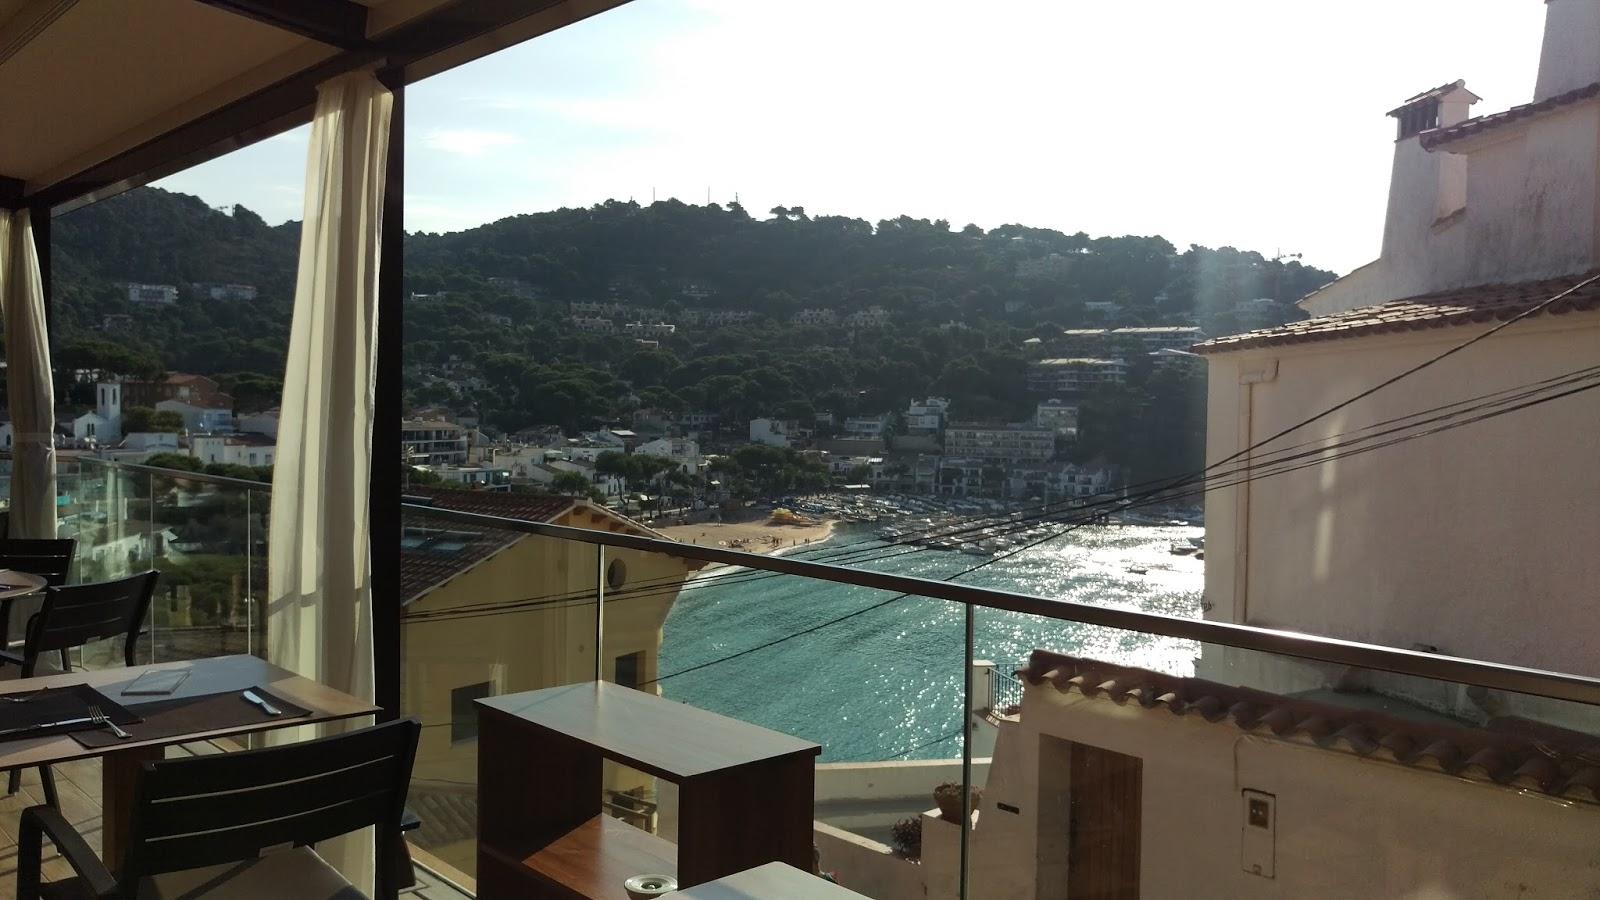 Eti m by m ite restaurant casamar llafranc - Casa mar llafranc ...